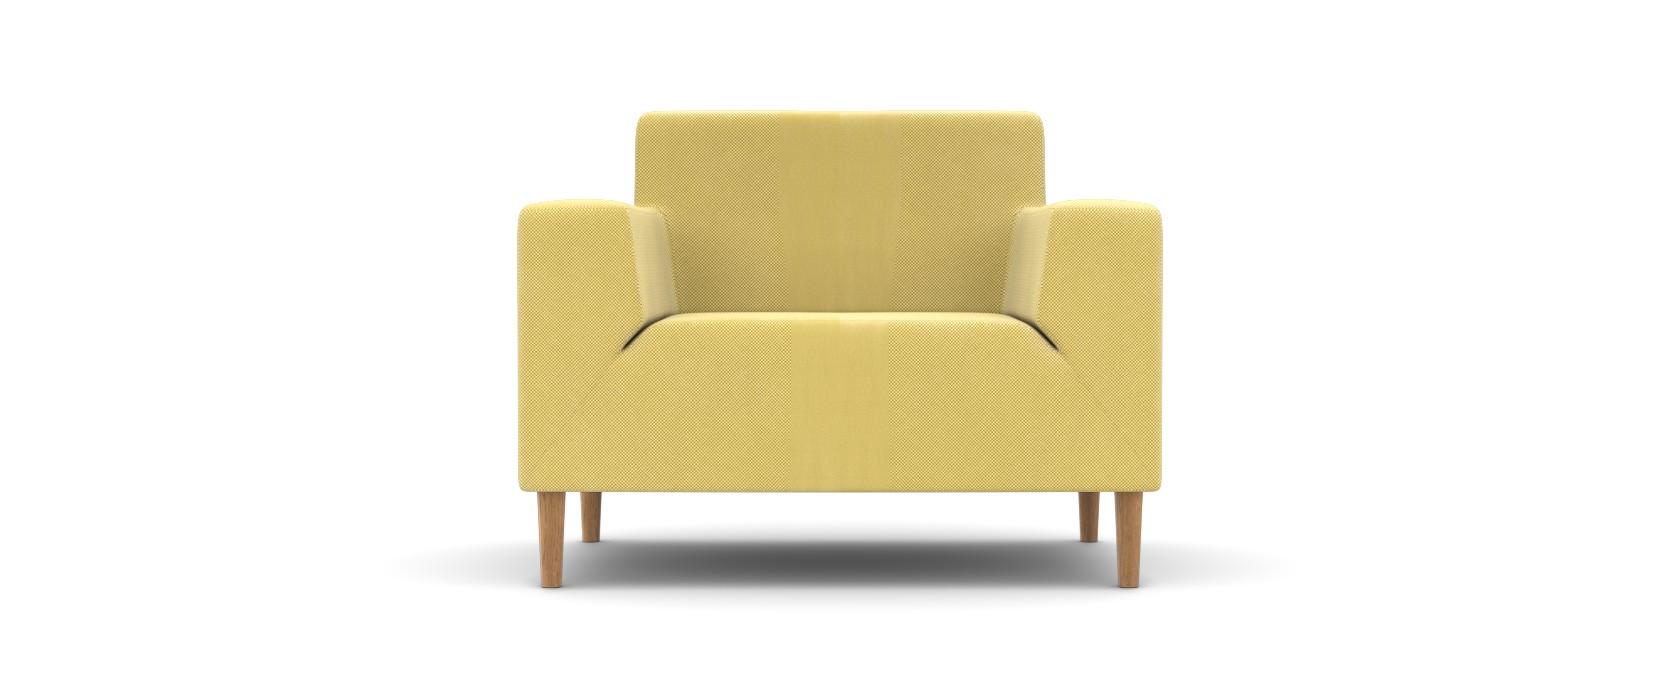 Кресло Livorno Classic - Фото 1 - Pufetto